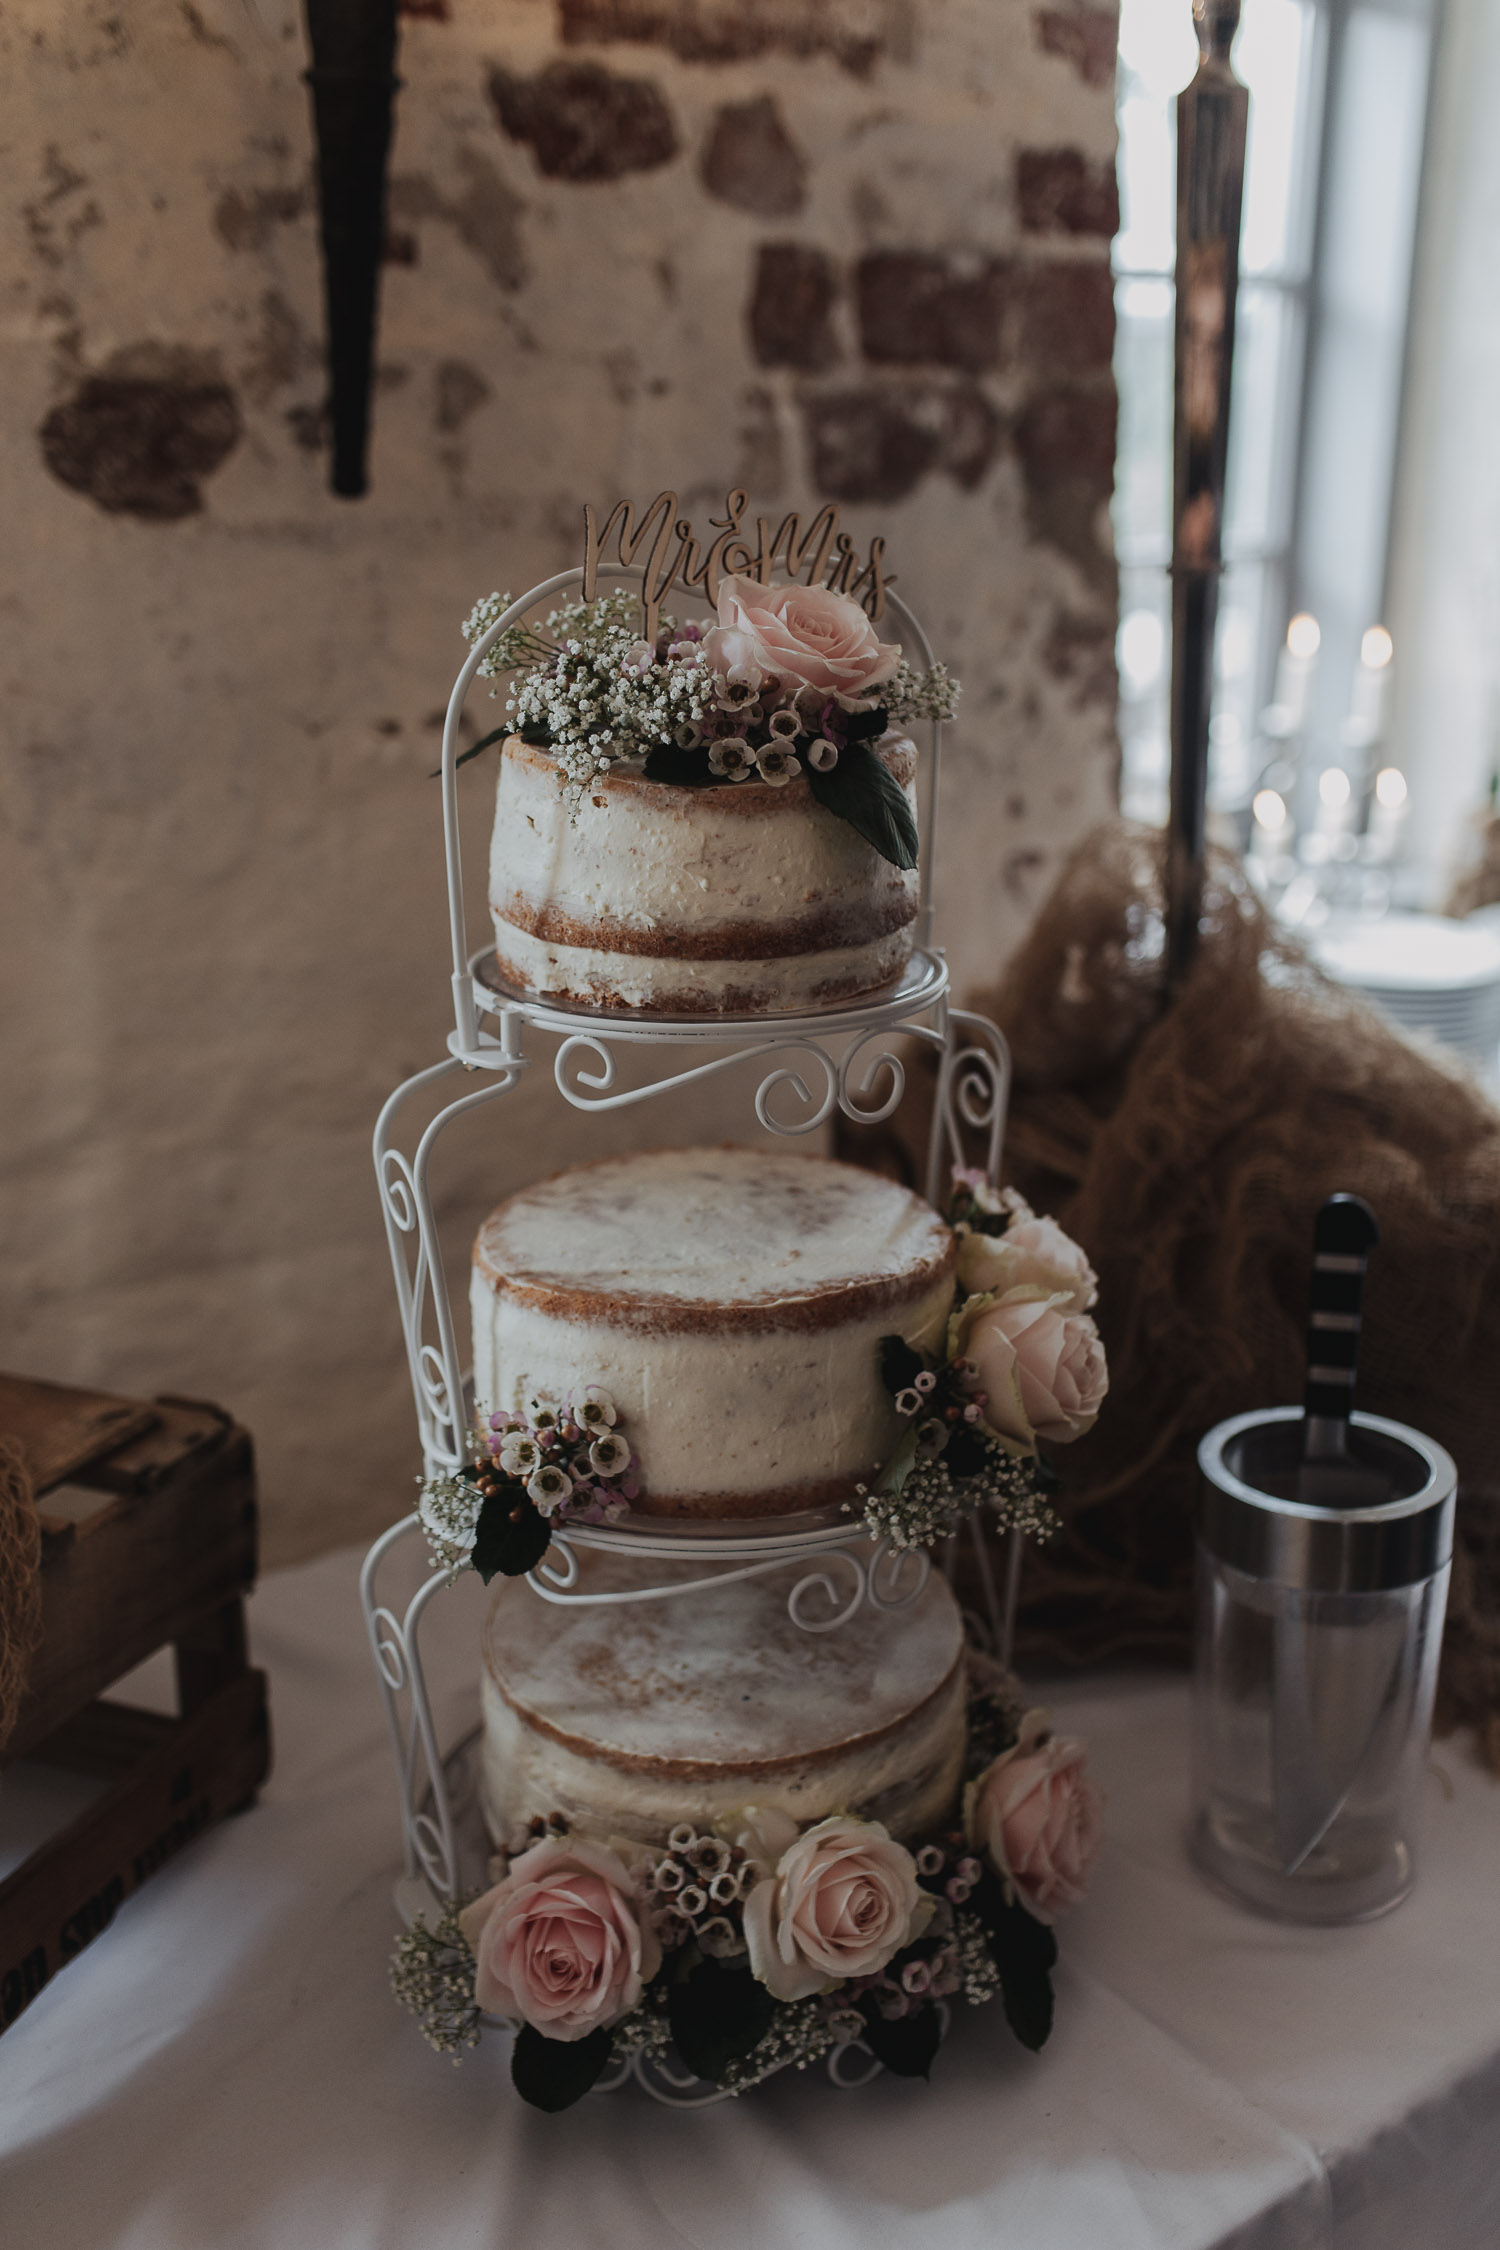 Aufgenommen von Hochzeitsfotograf Kupfergold Photographie aus Rostock. Zu sehen ist eine DIY-Hochzeit auf Burg Neustadt-Glewe.